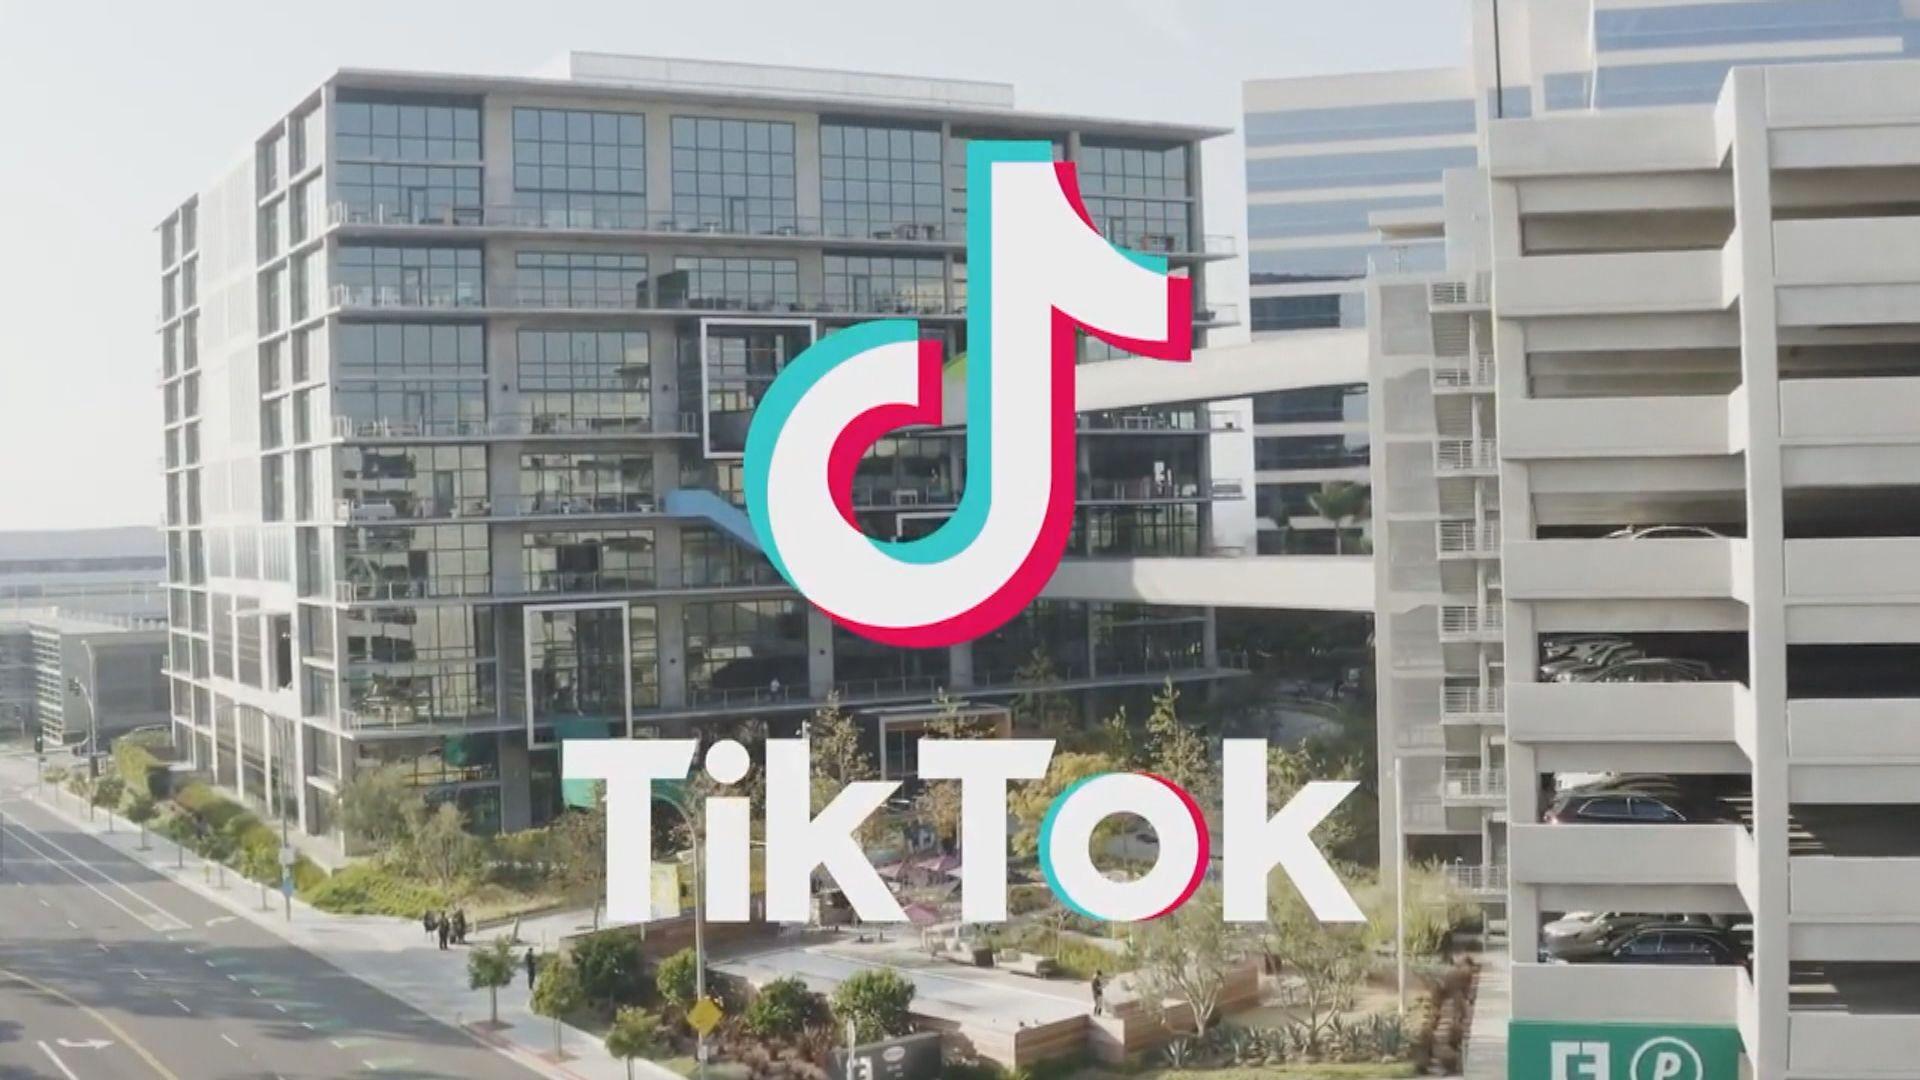 美法院駁回TikTok用戶阻程式下架申請